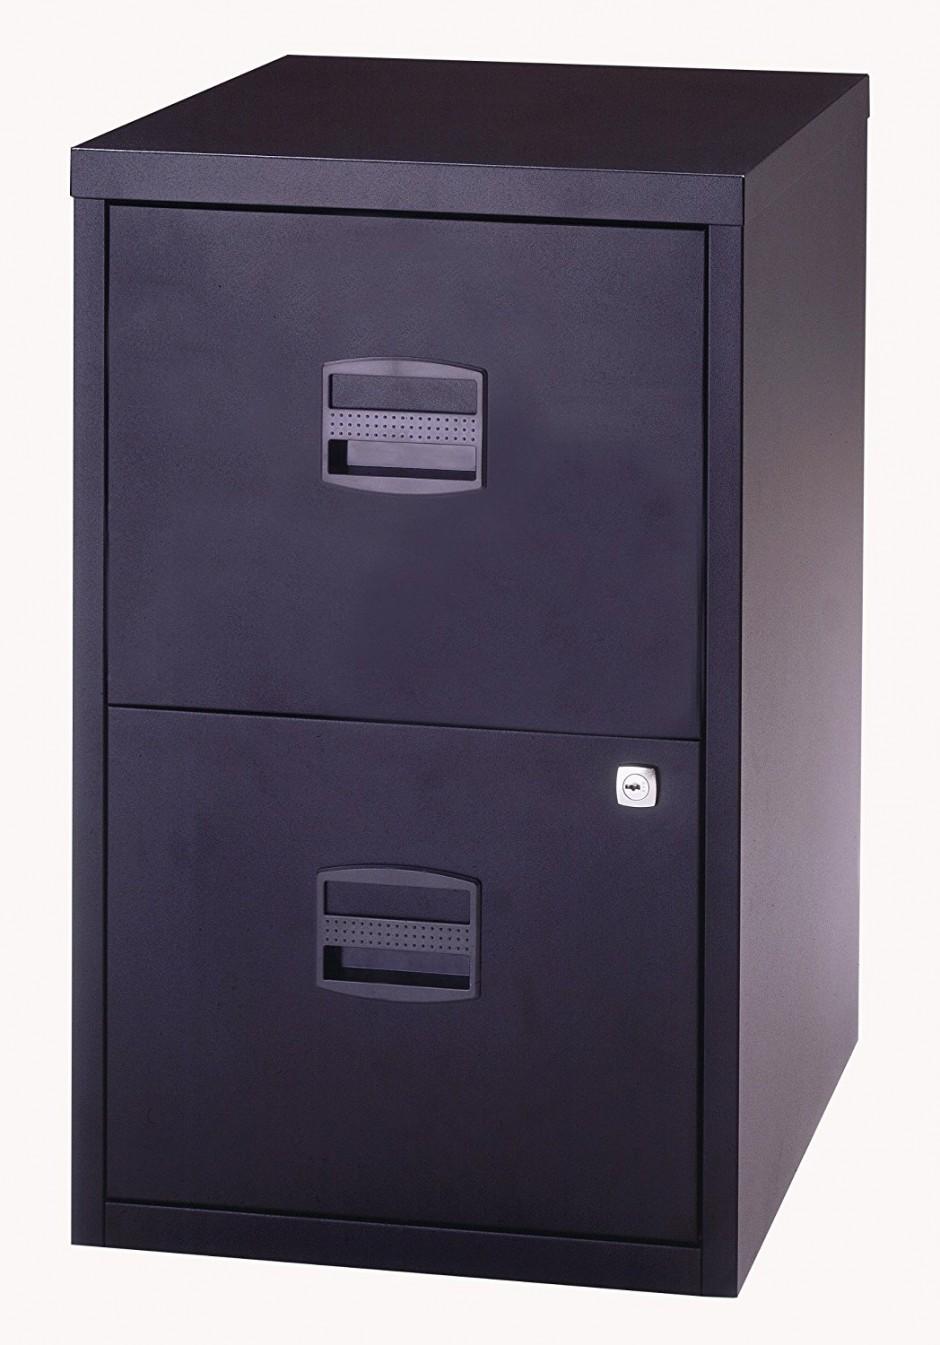 Side Filer Filing Cabinets | White Filing Cabinet 2 Drawer | Bisley File Cabinet